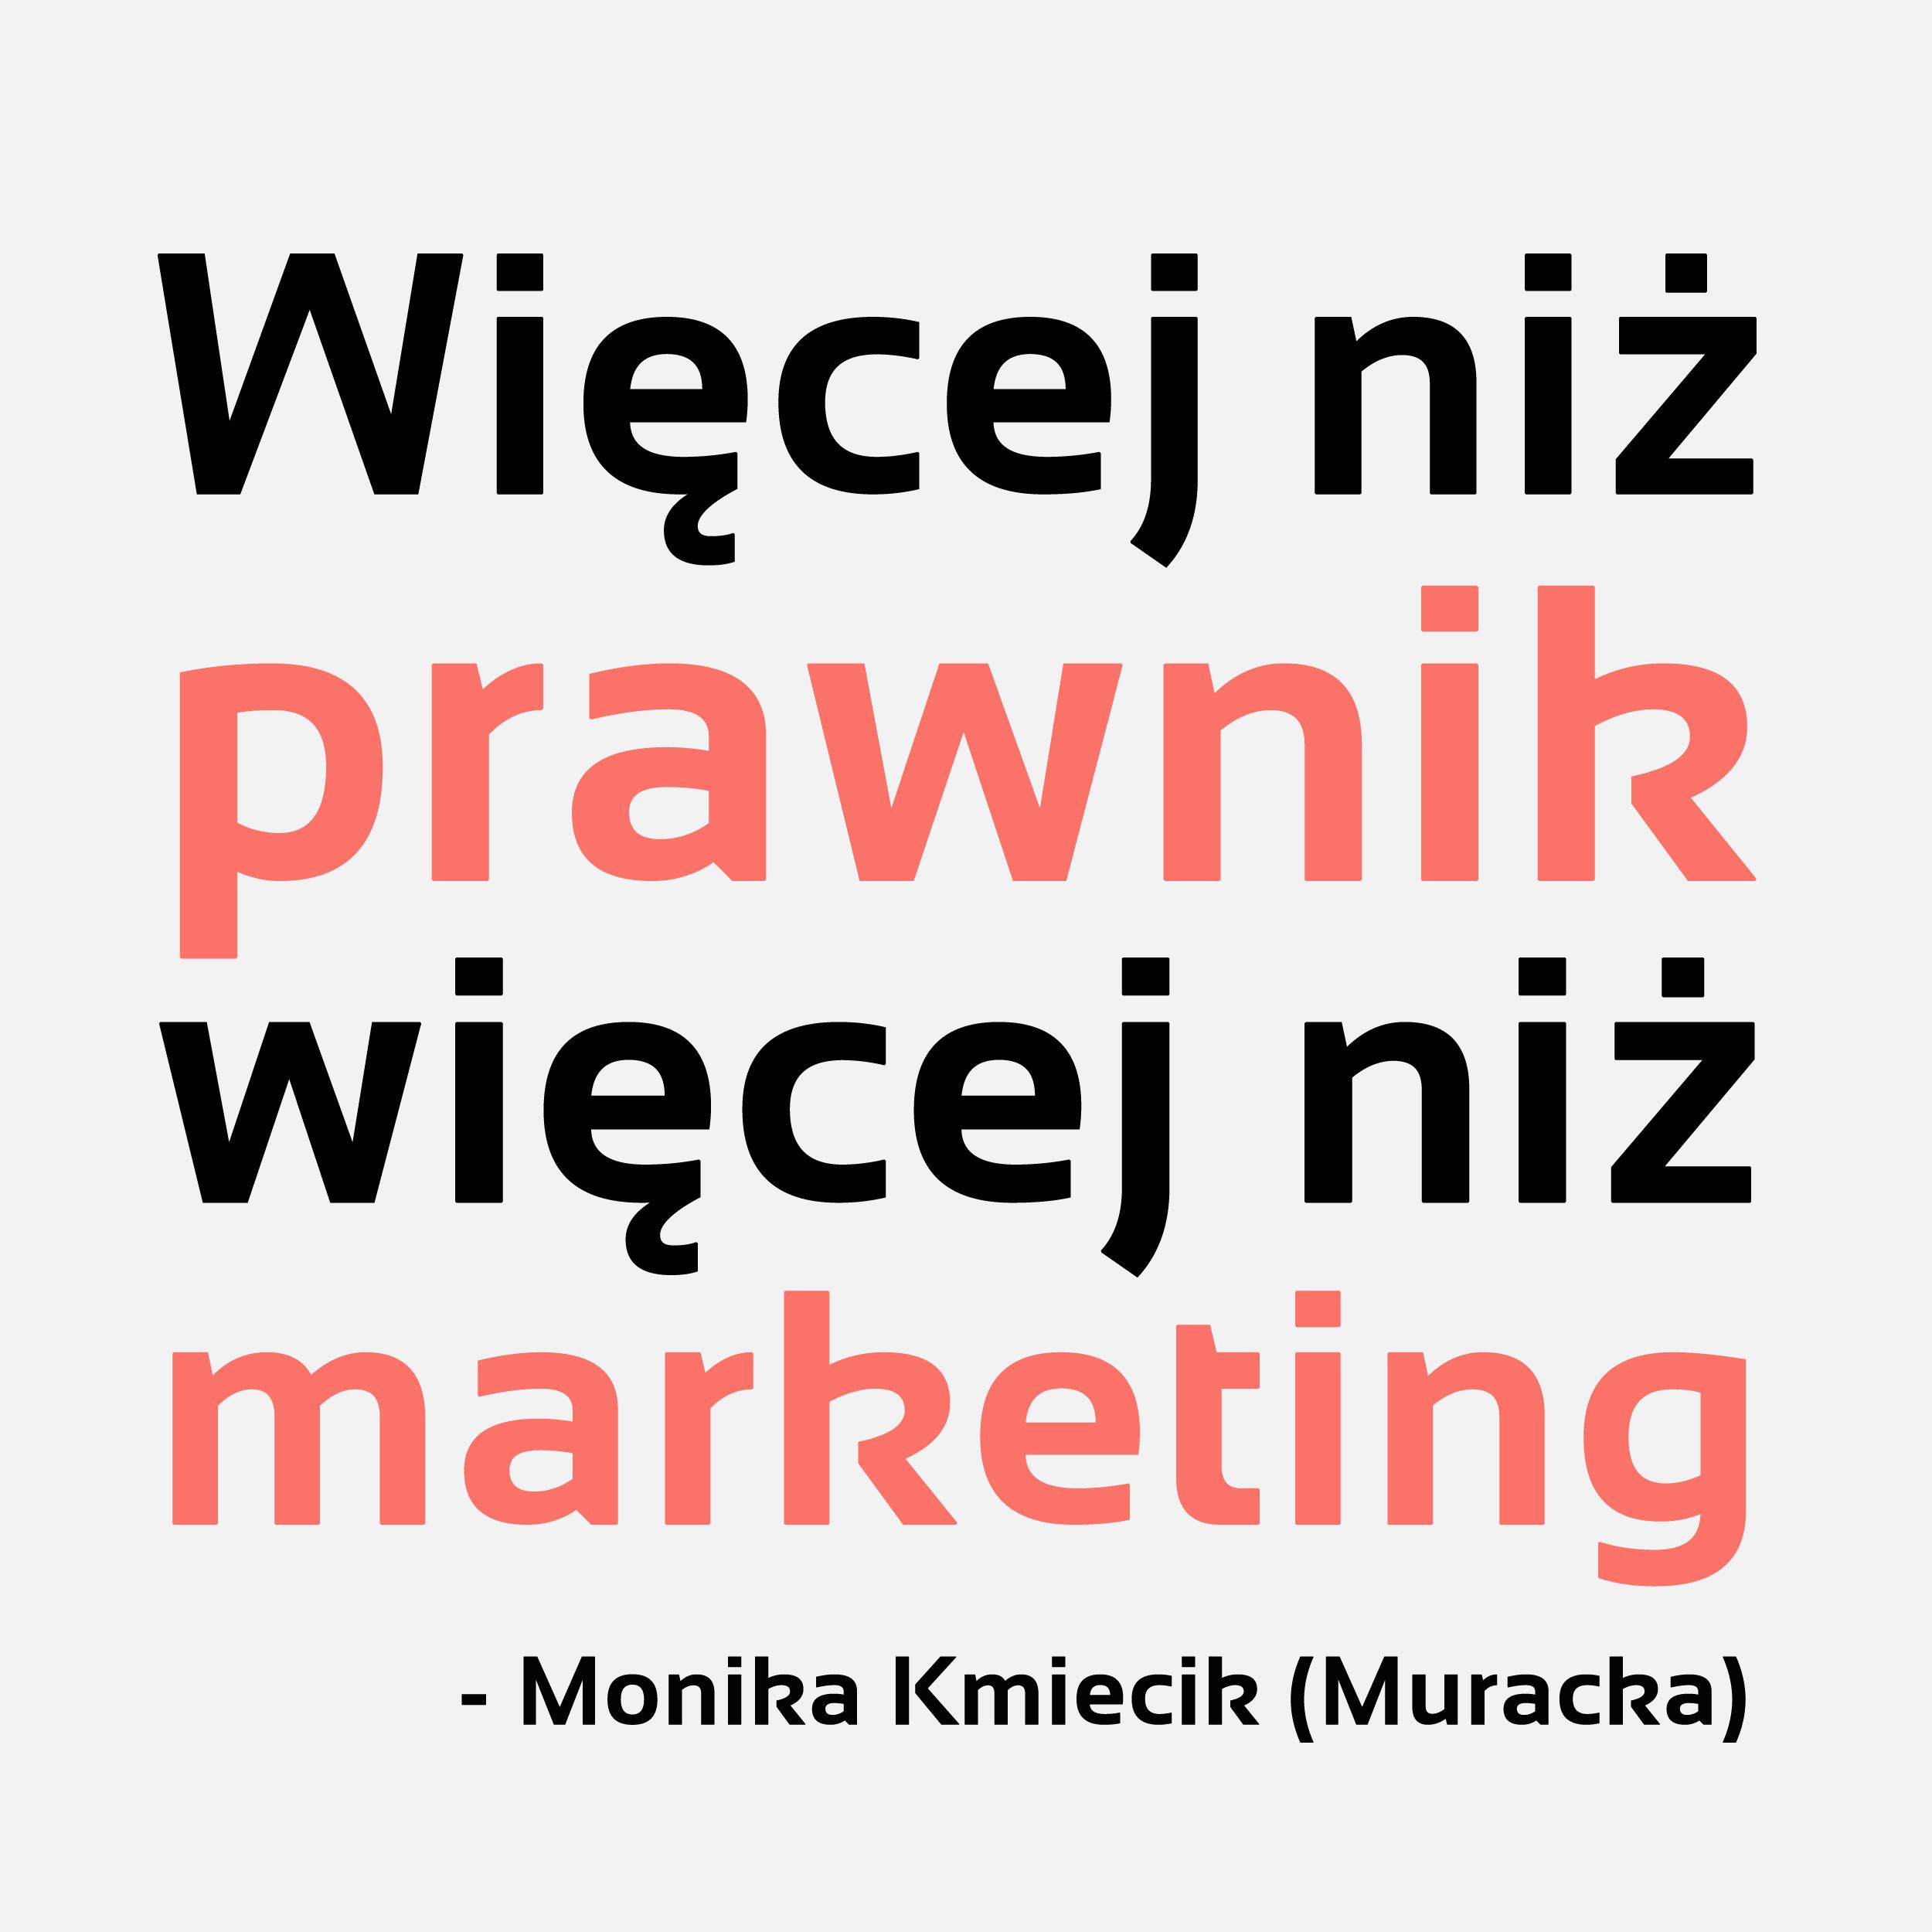 misja-by-Monika-Kmiecik-Muracka-marketing-dla-prawnikow.png